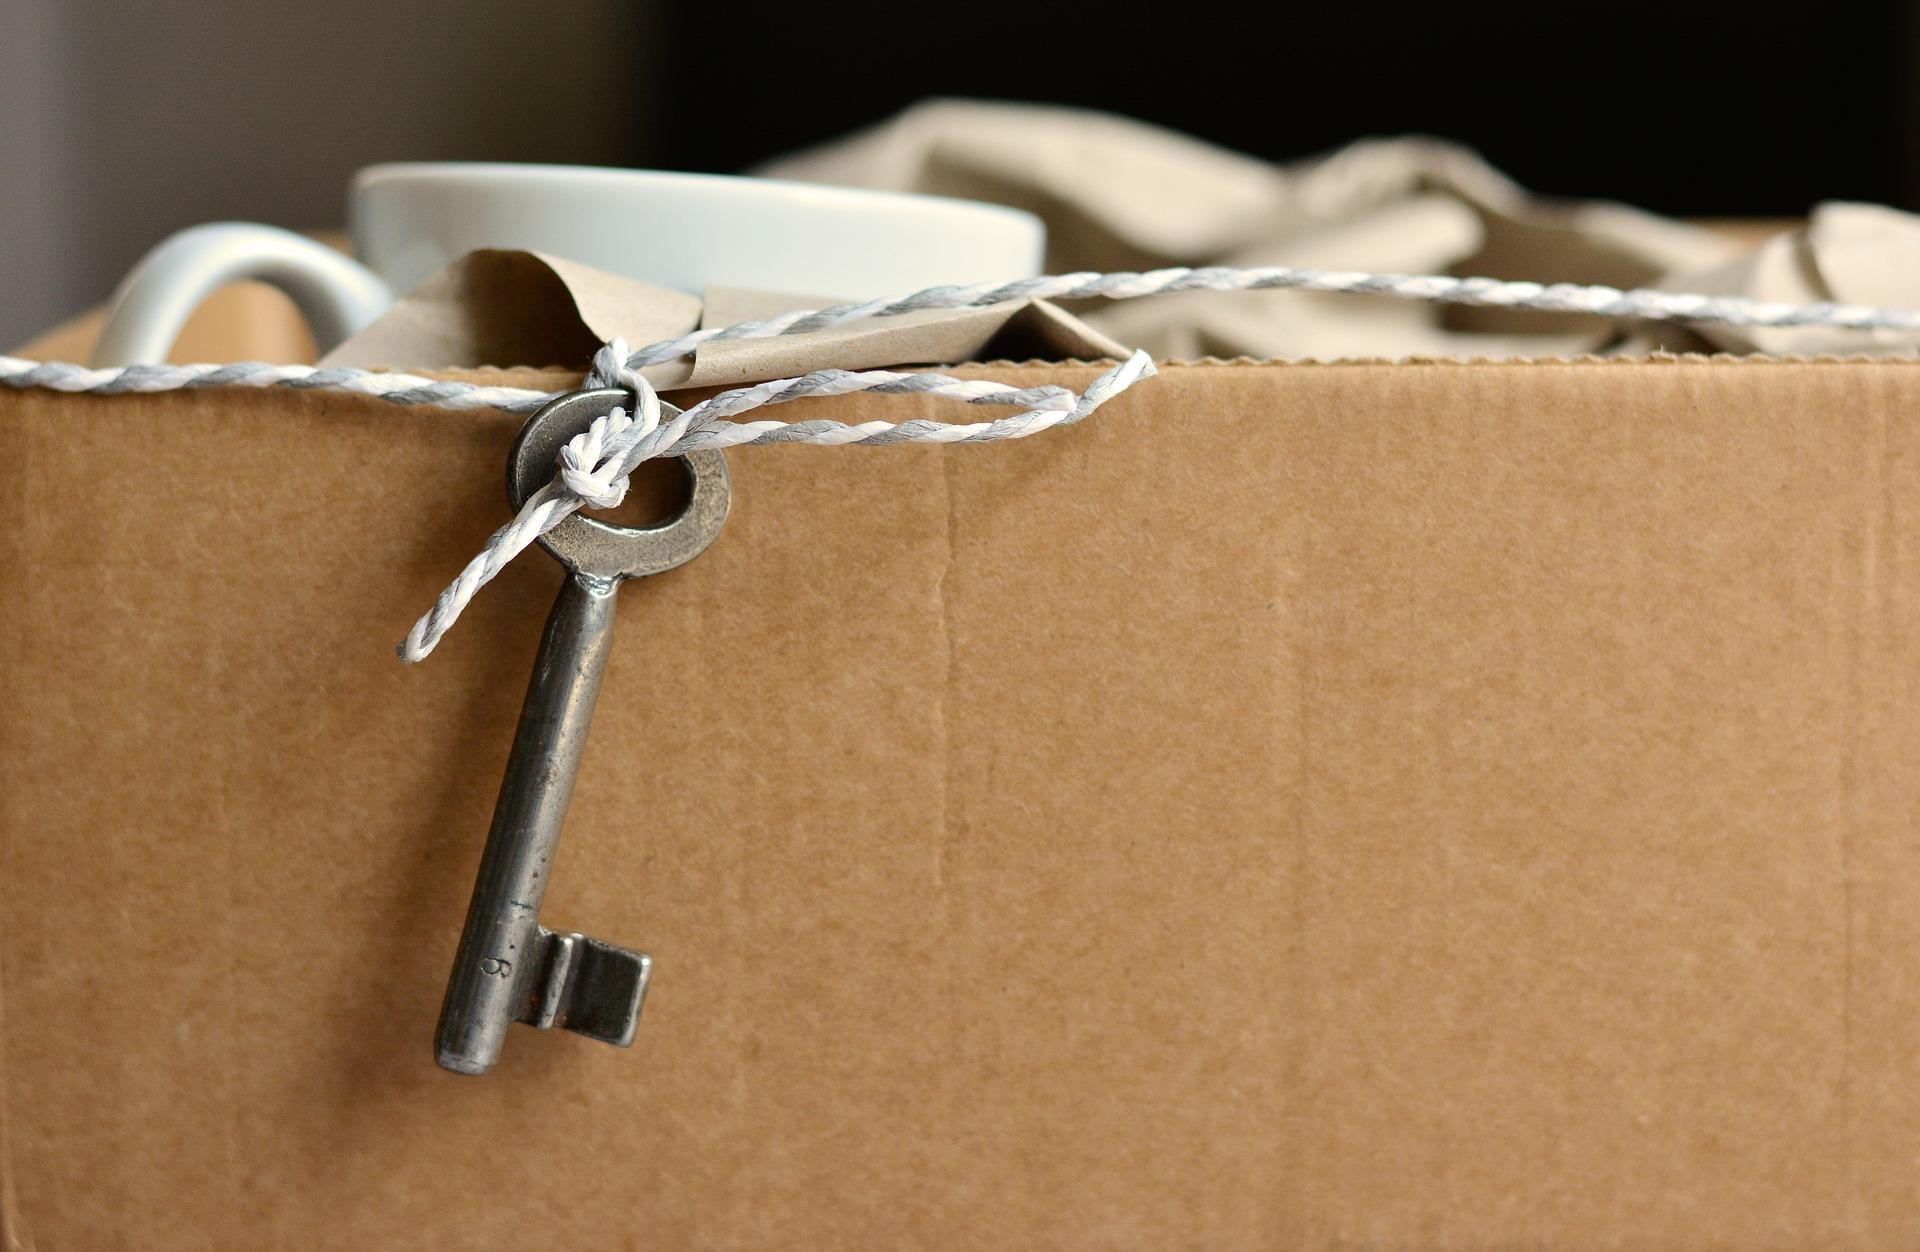 Profiter du déménagement pour désencombrer son lieu de vie